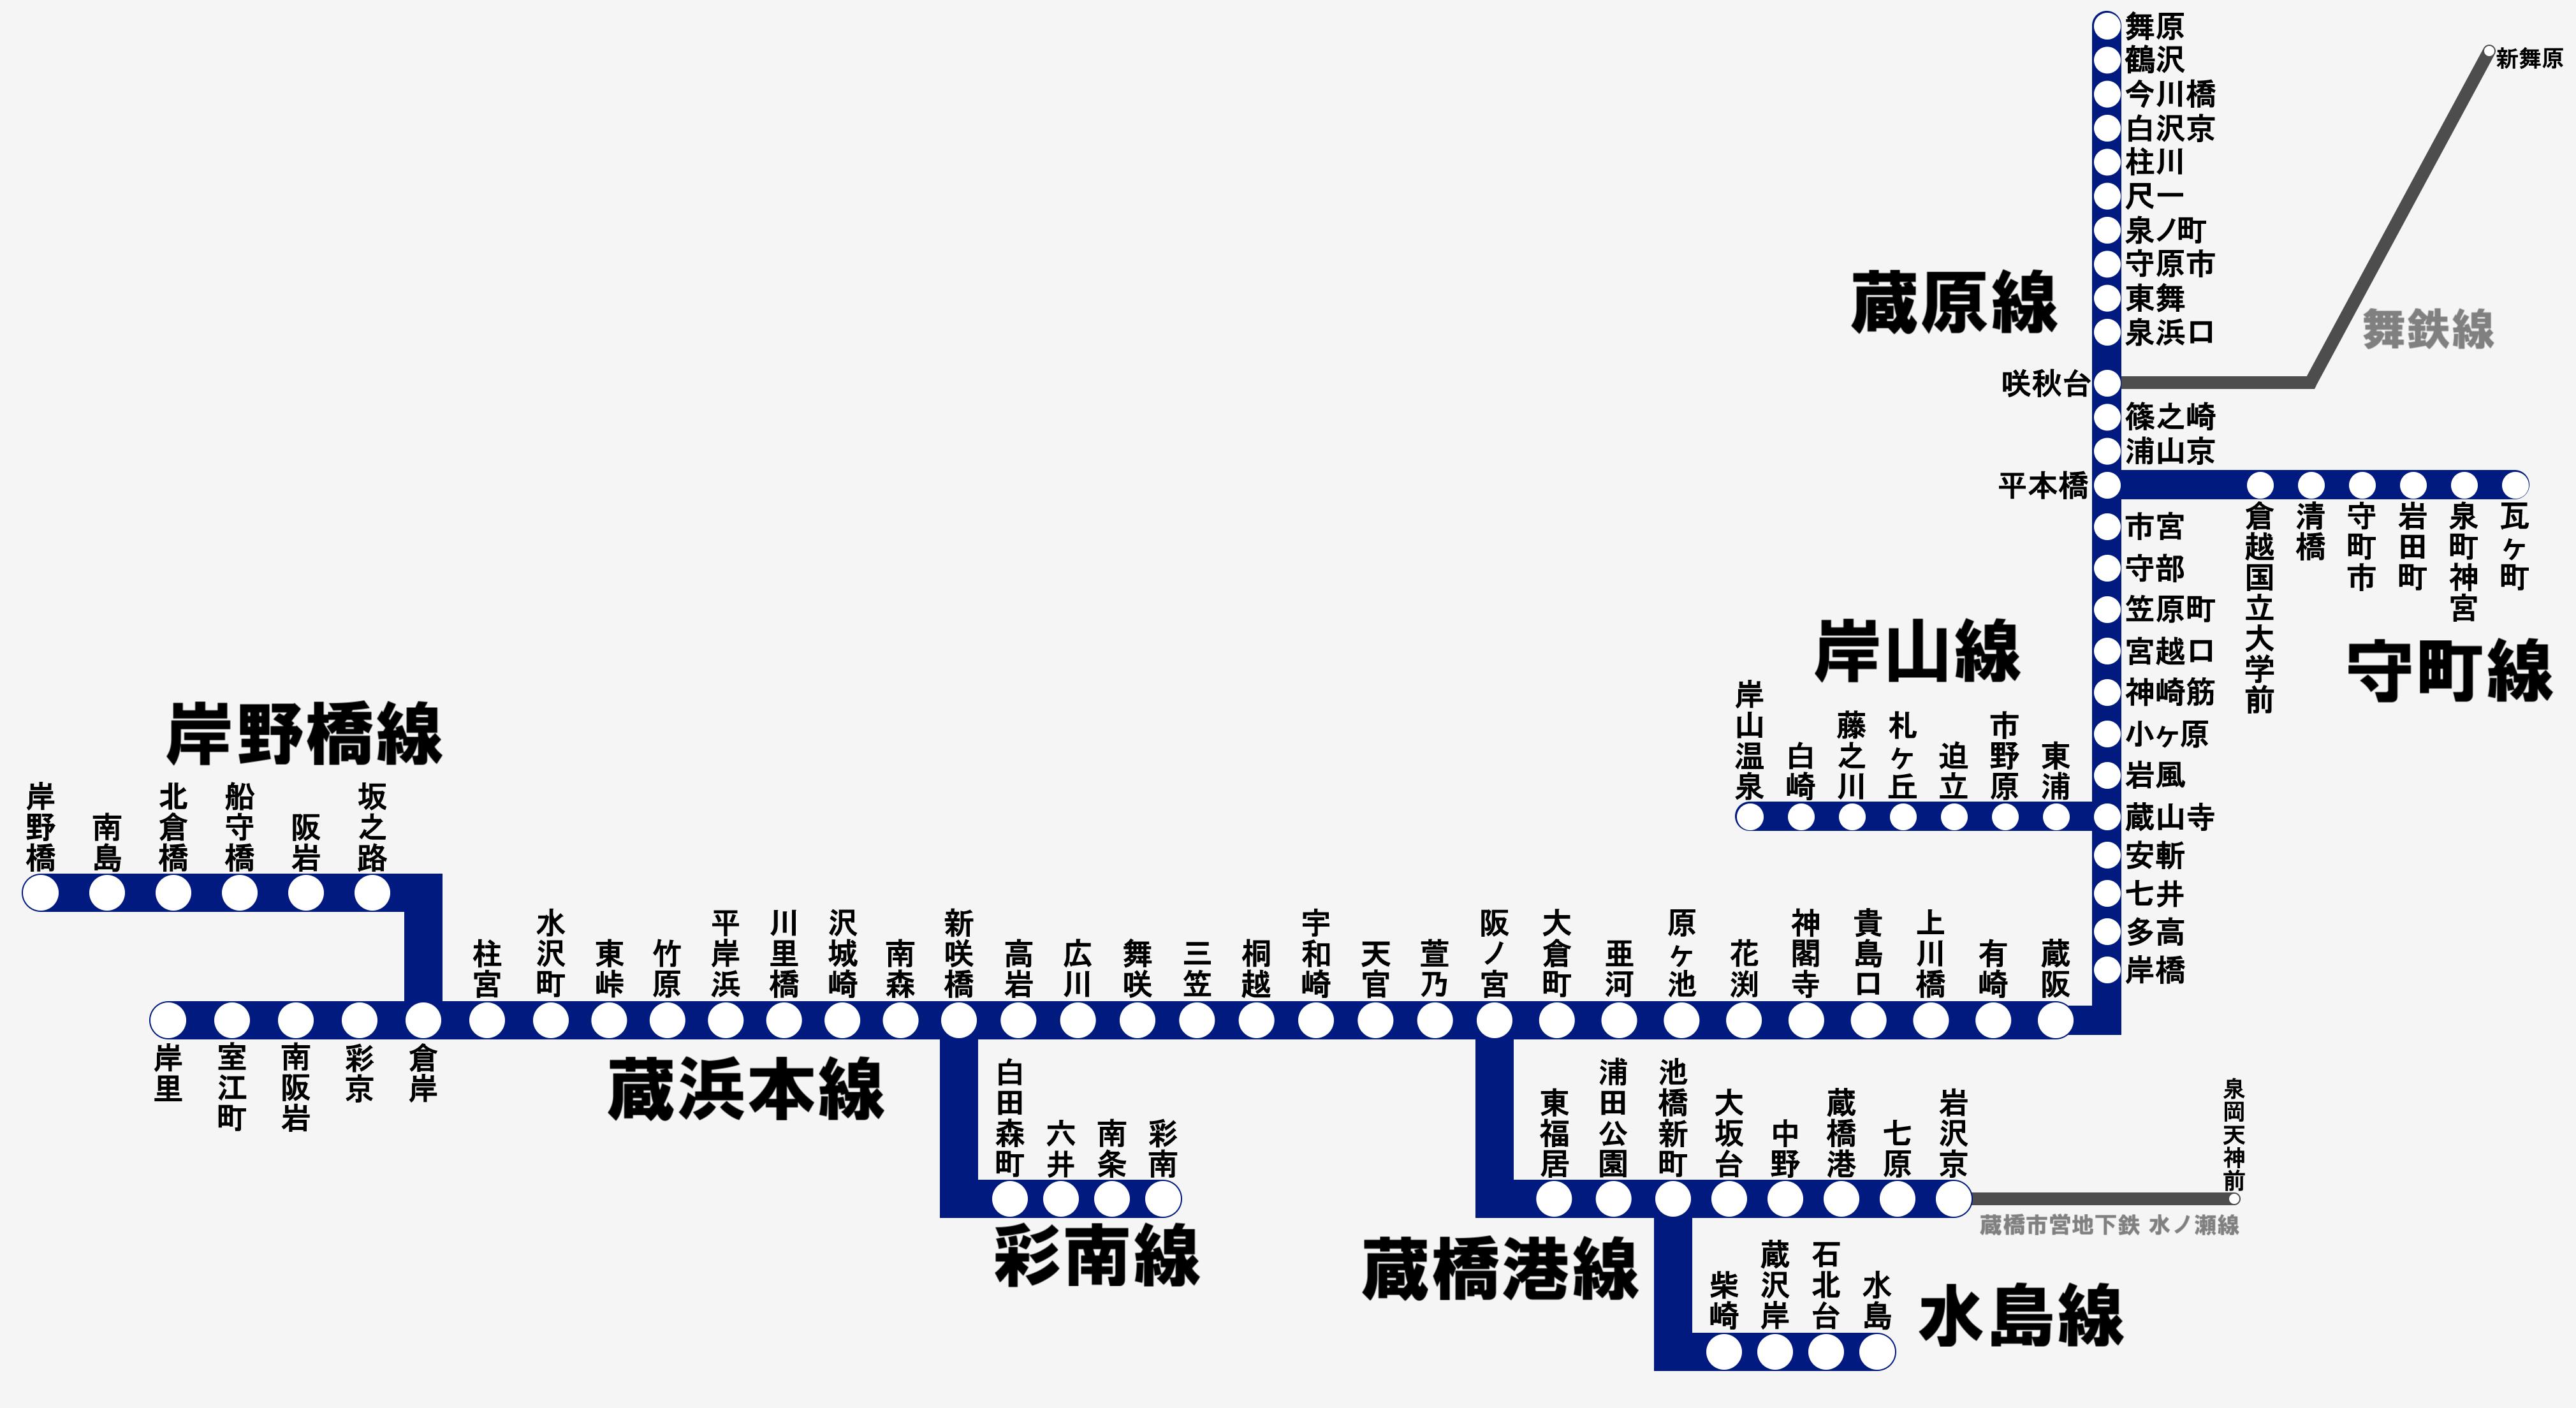 蔵浜電車 路線網.png